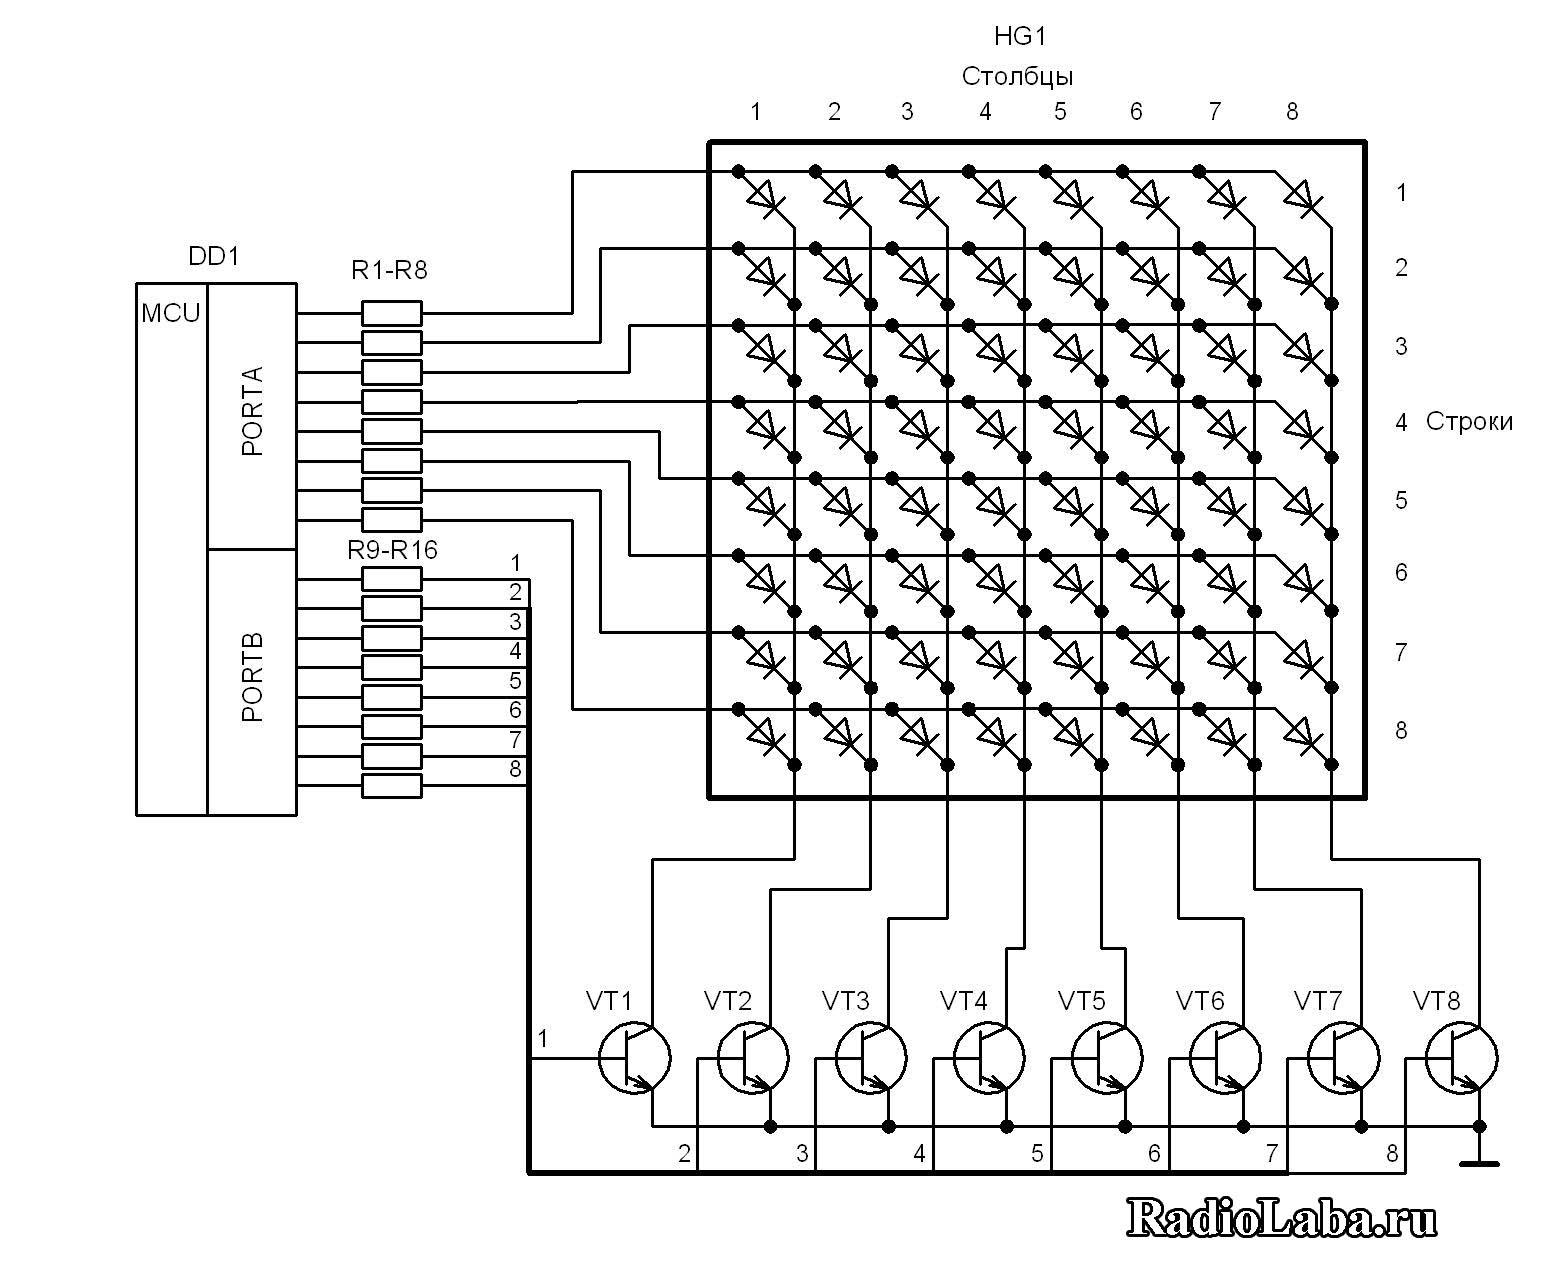 Подключение Led матрицы к микроконтроллеру